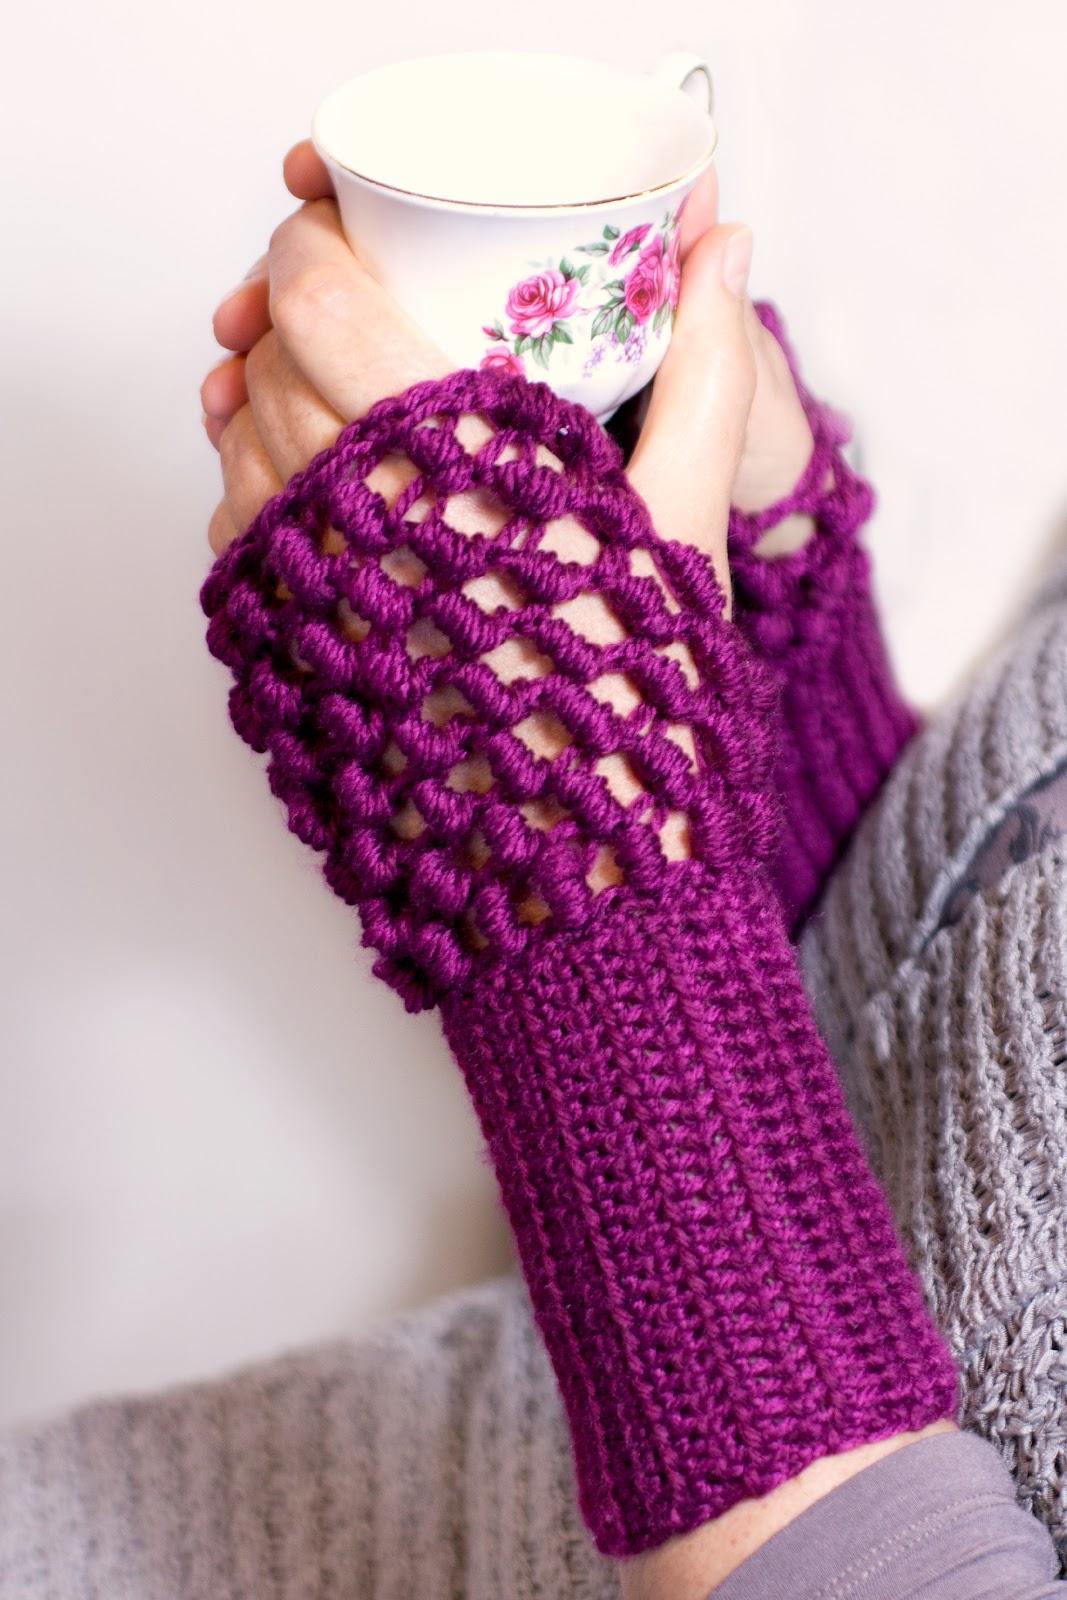 Fingerless gloves how to make - Hope